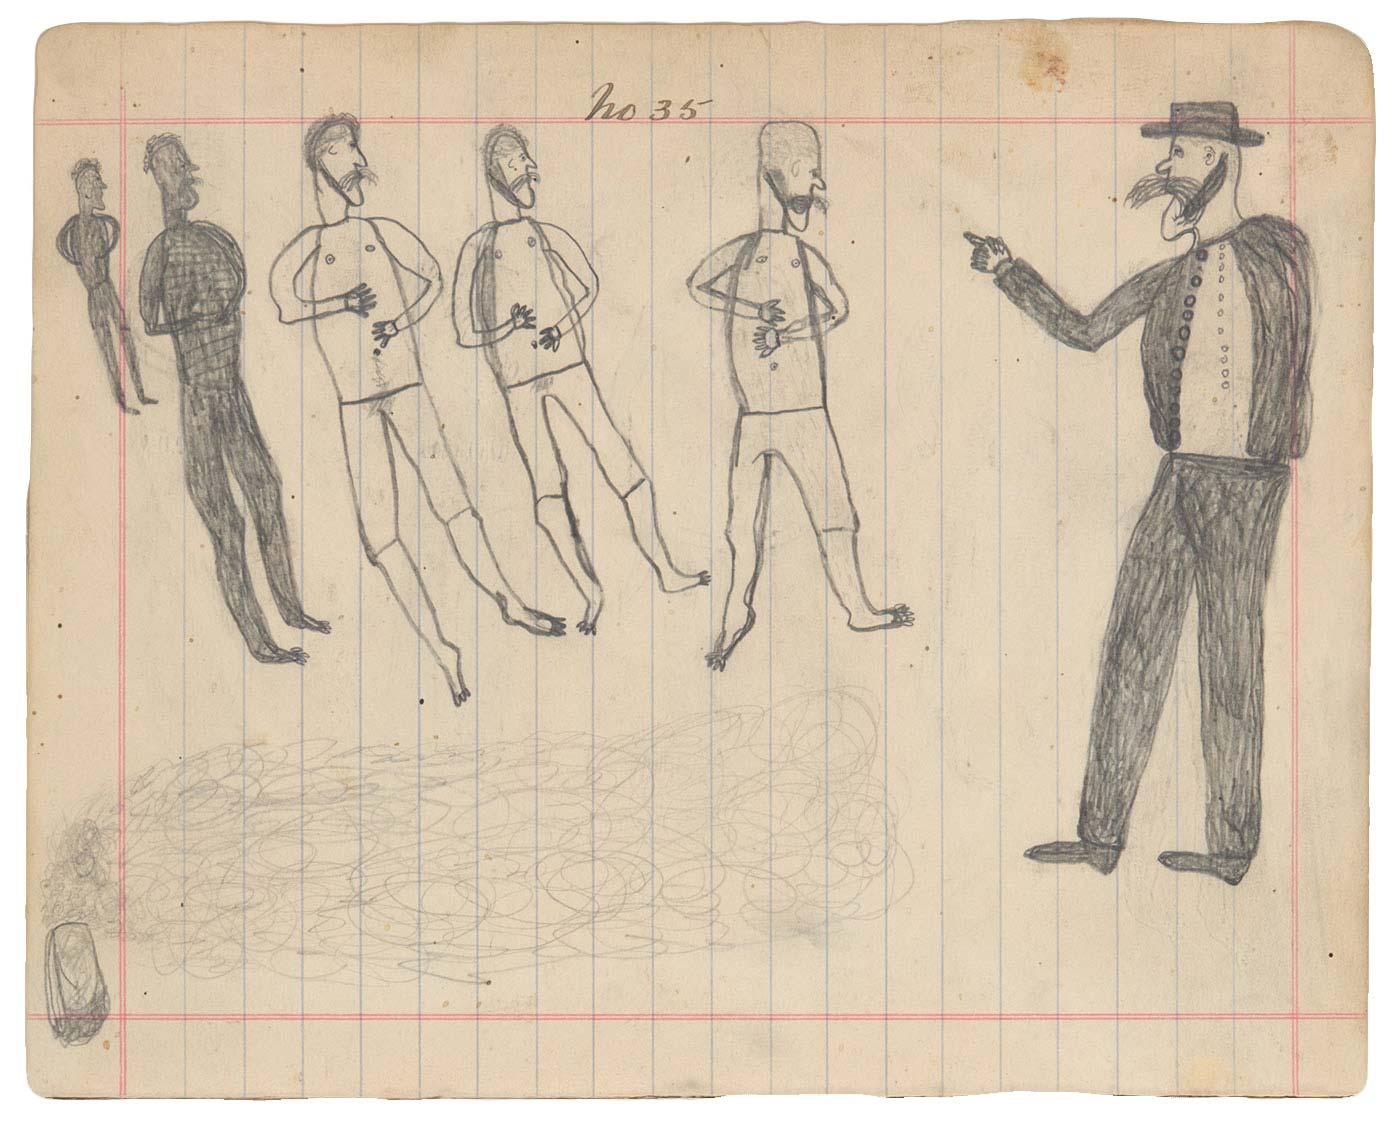 Sketchbook drawing of multiple figures